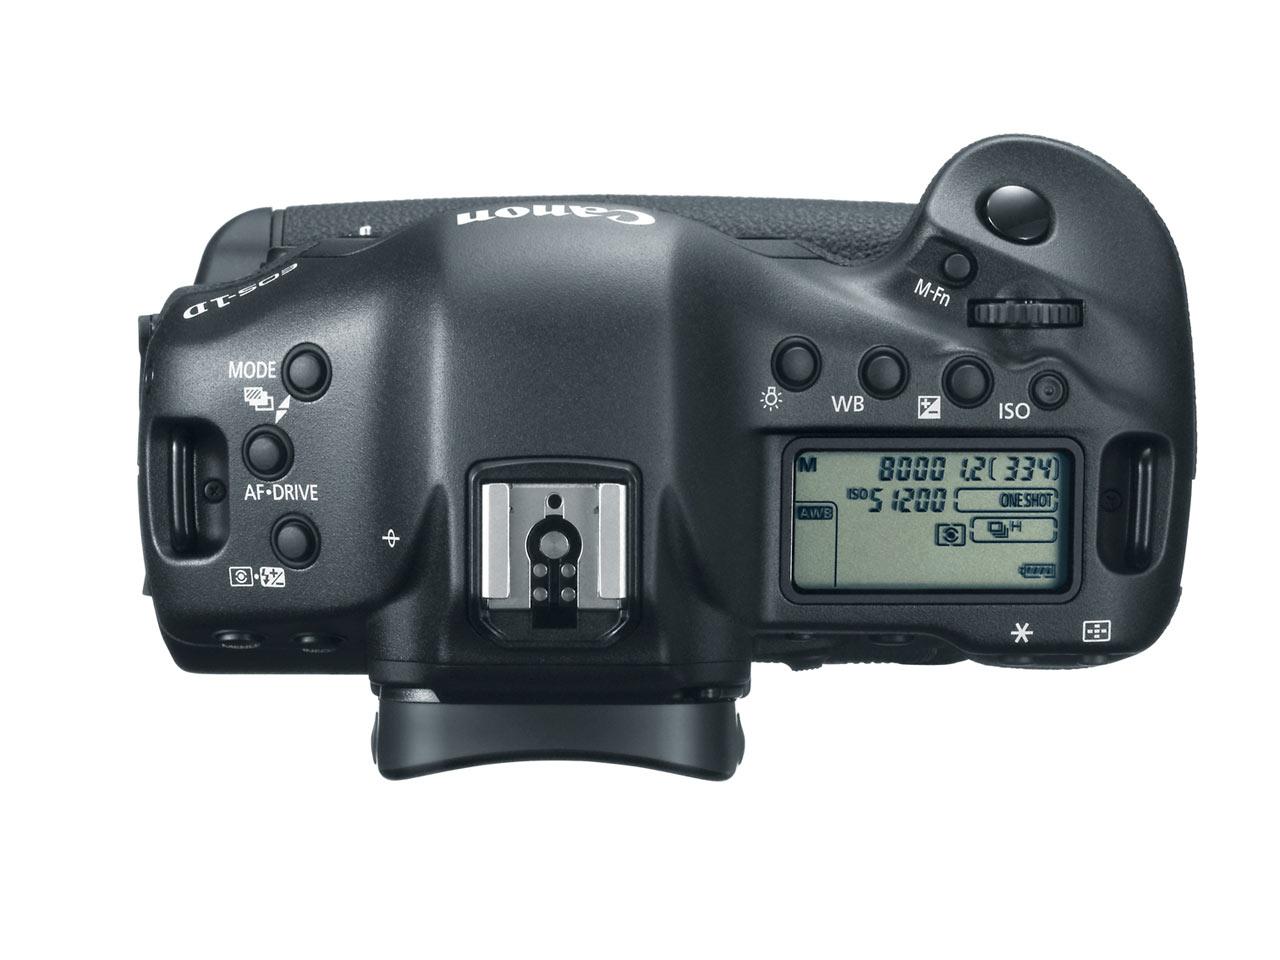 Tényleg mini-1D lesz az új Canon 7D?